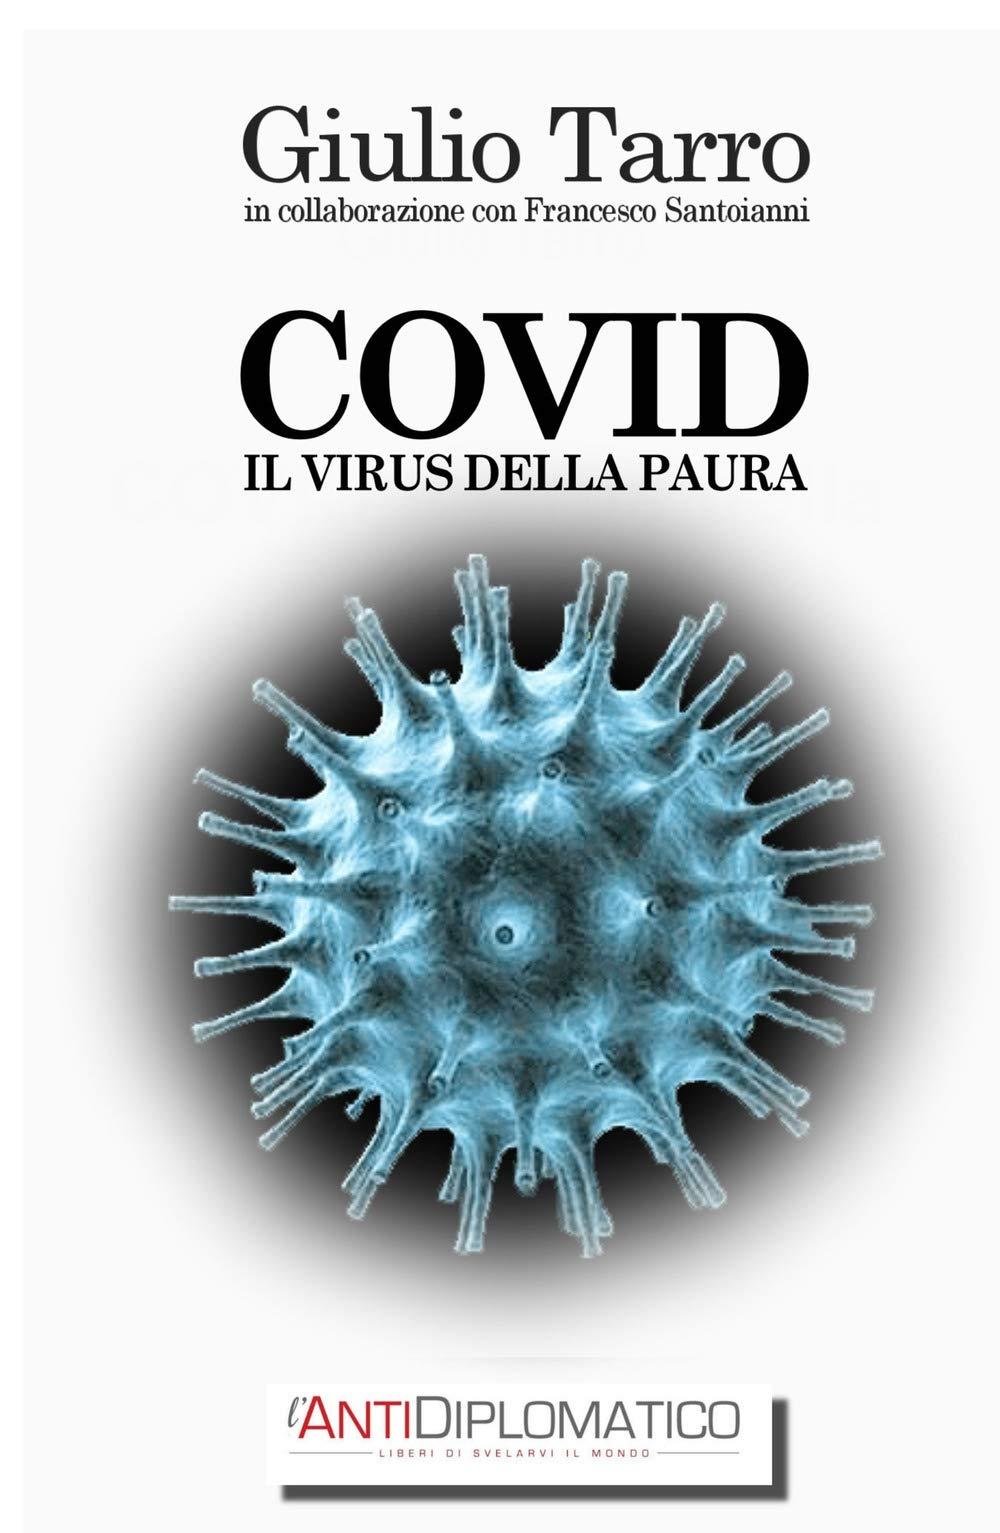 COVID Il virus della paura La community di ilmiolibro.it: Amazon.es: Giulio Tarro: Libros en idiomas extranjeros